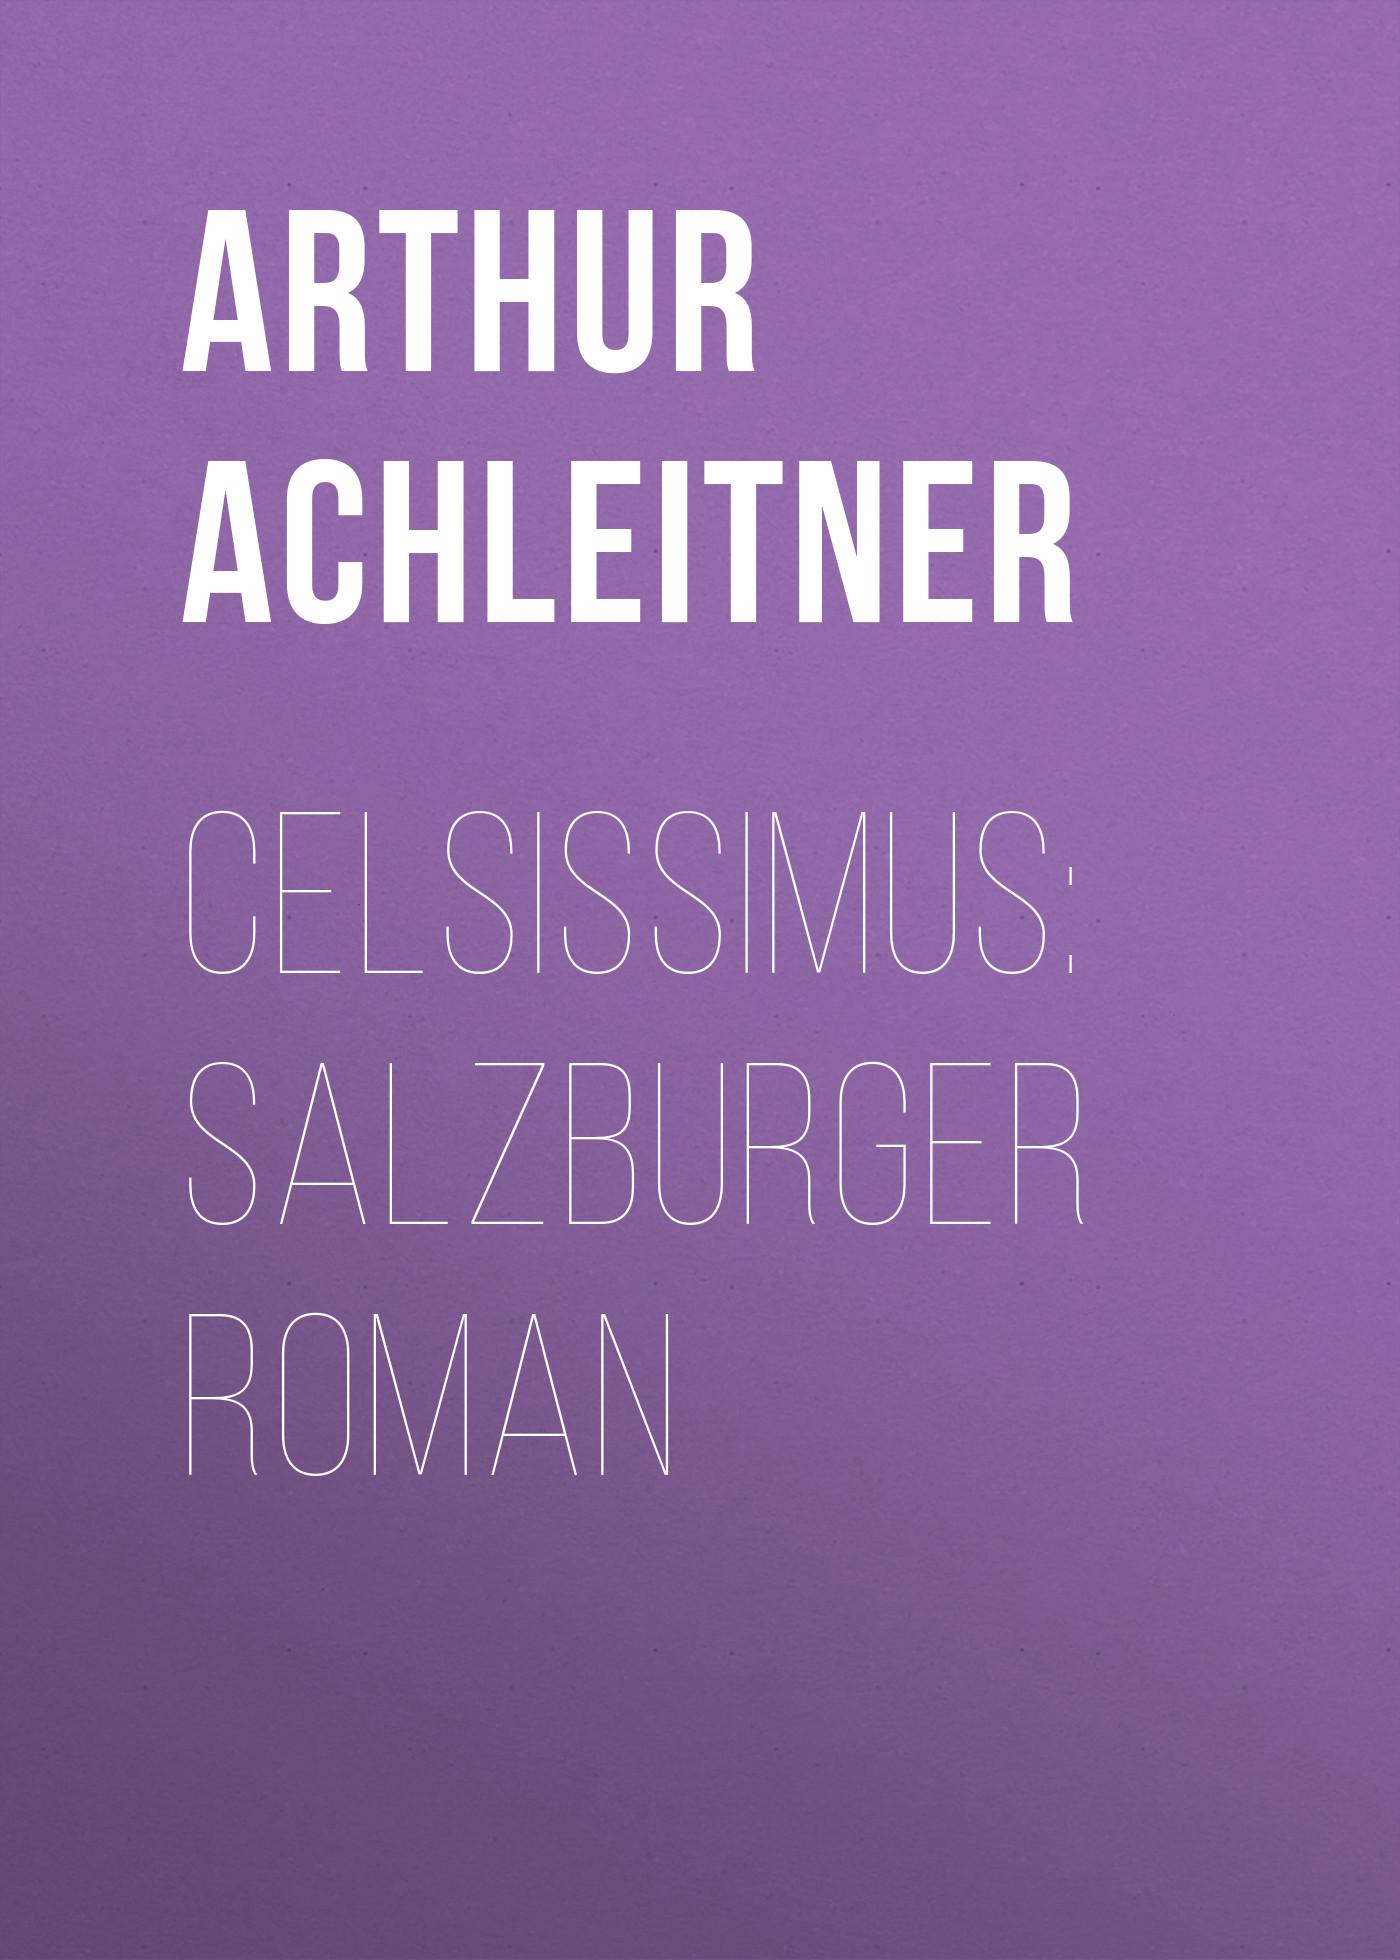 Arthur Achleitner Celsissimus: Salzburger Roman arthur achleitner aus kroatien